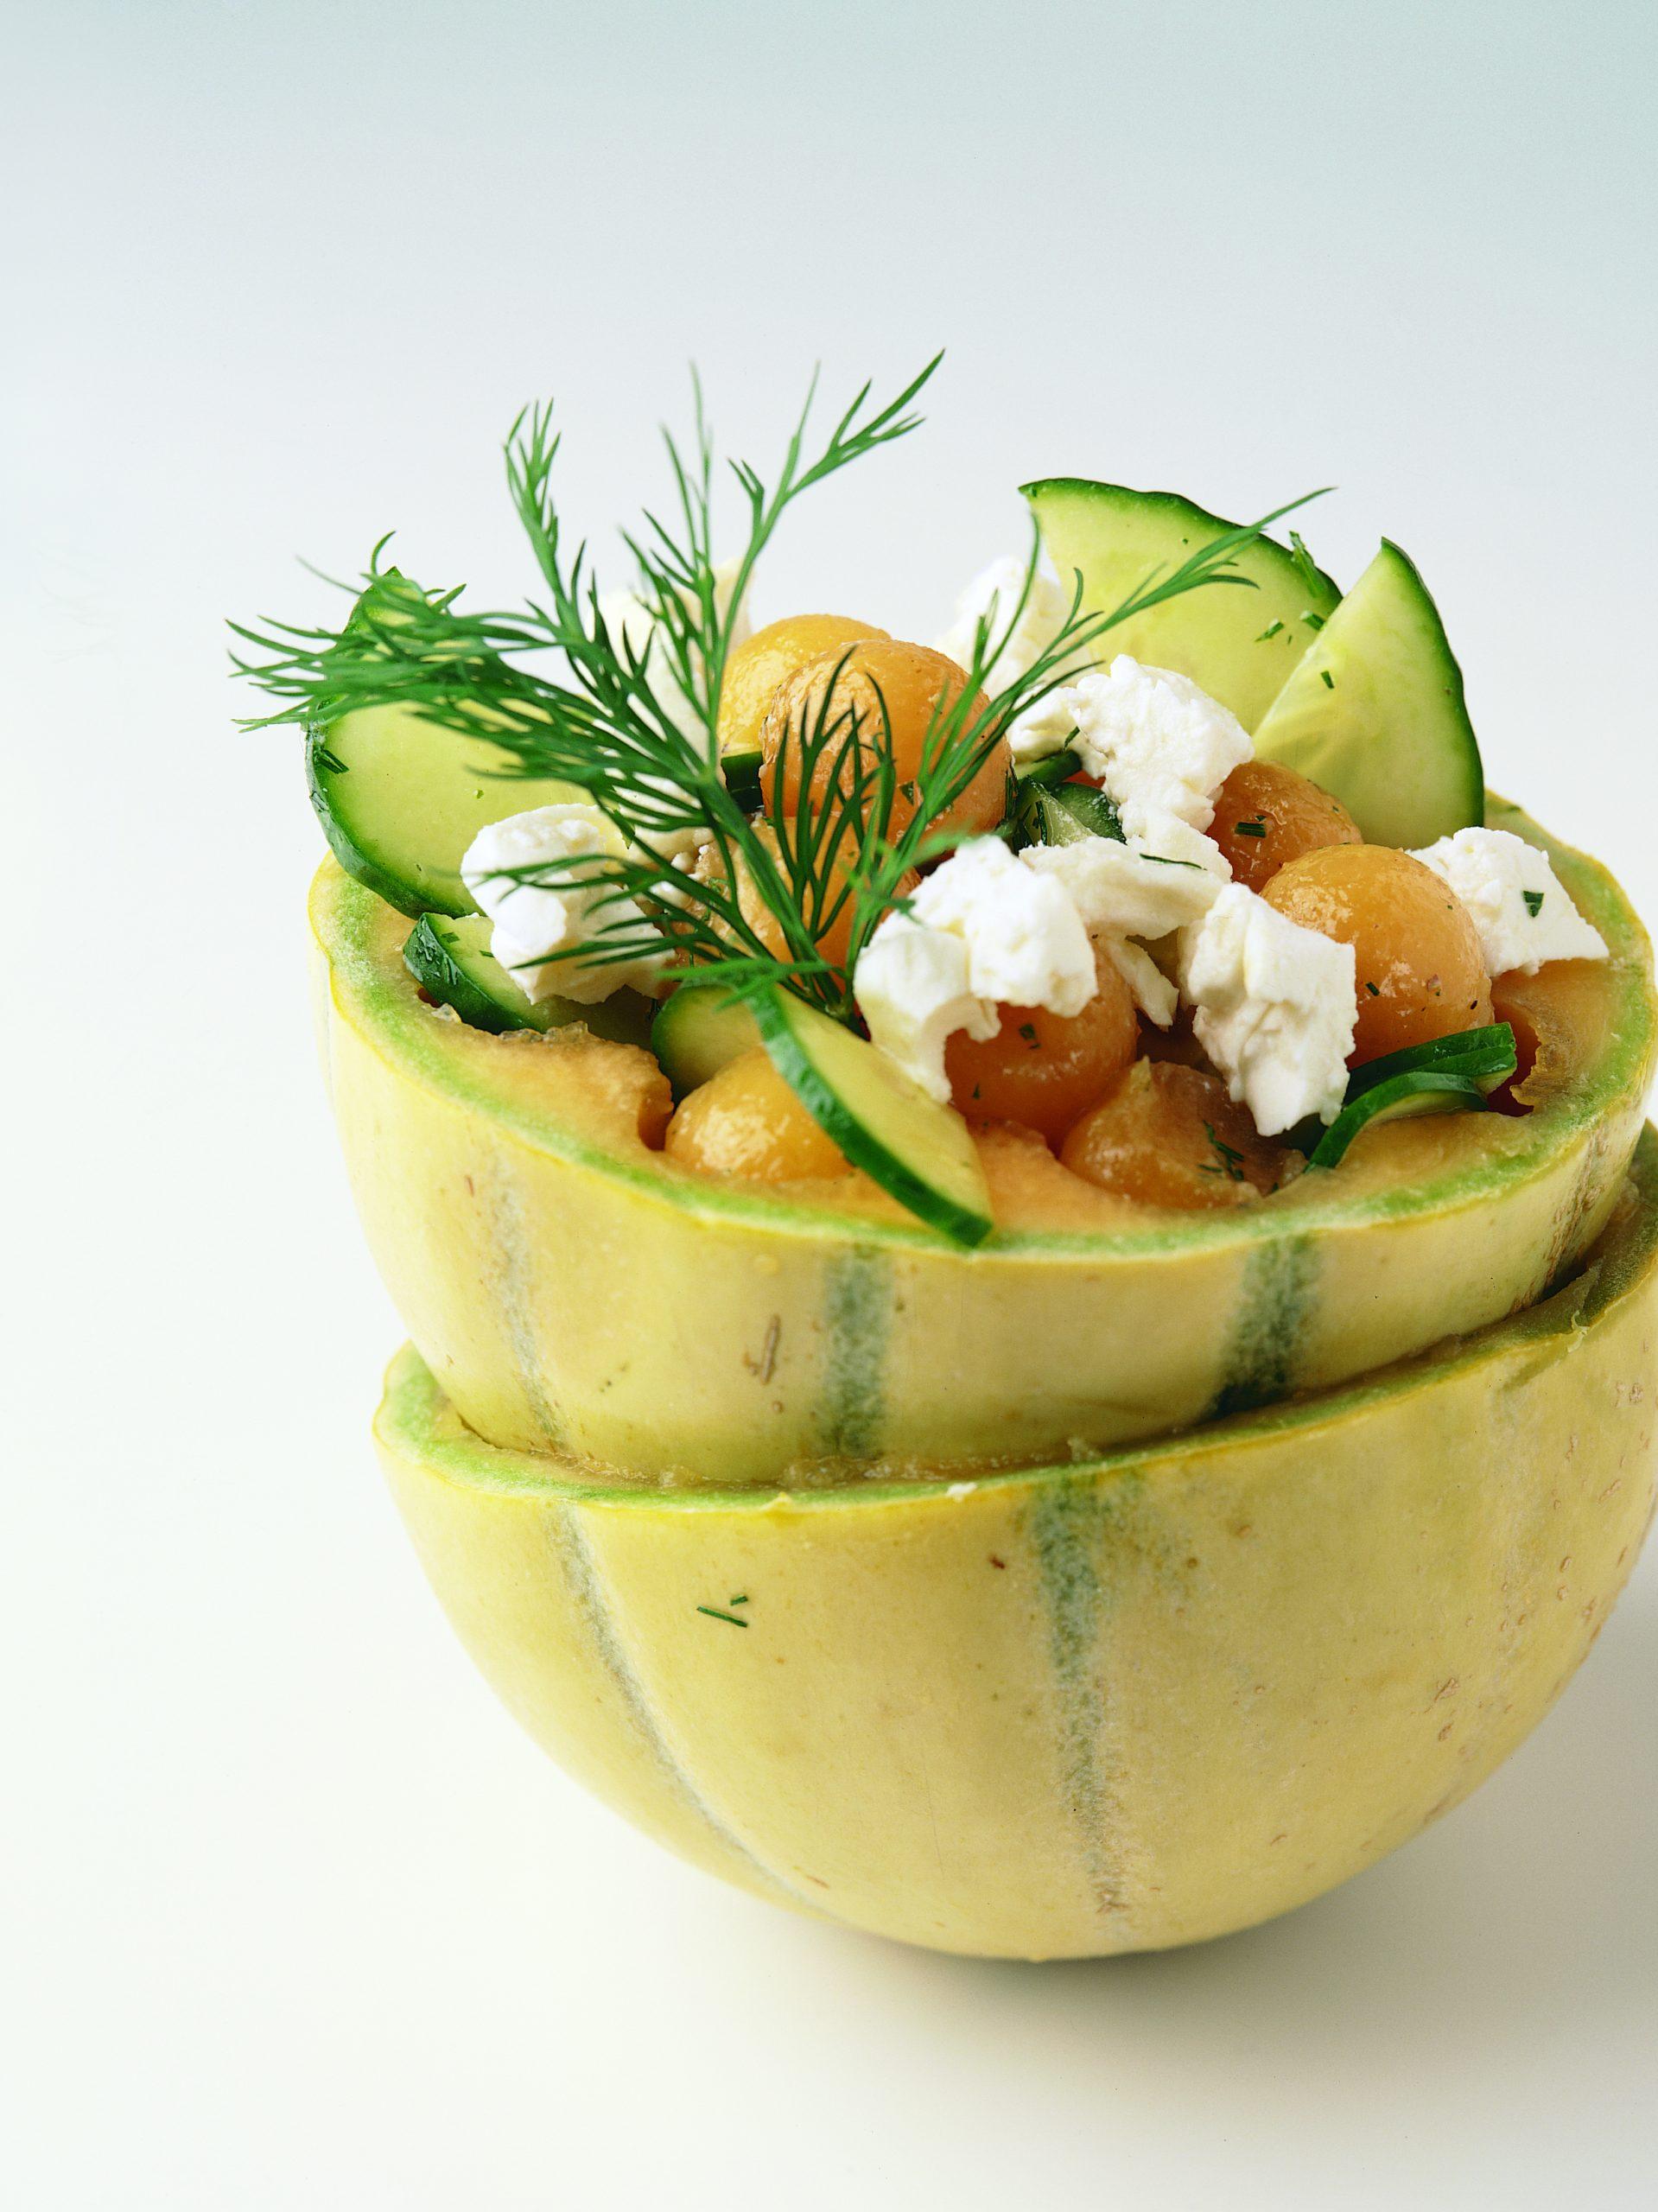 Salade de melon, de concombre et de fromage frais